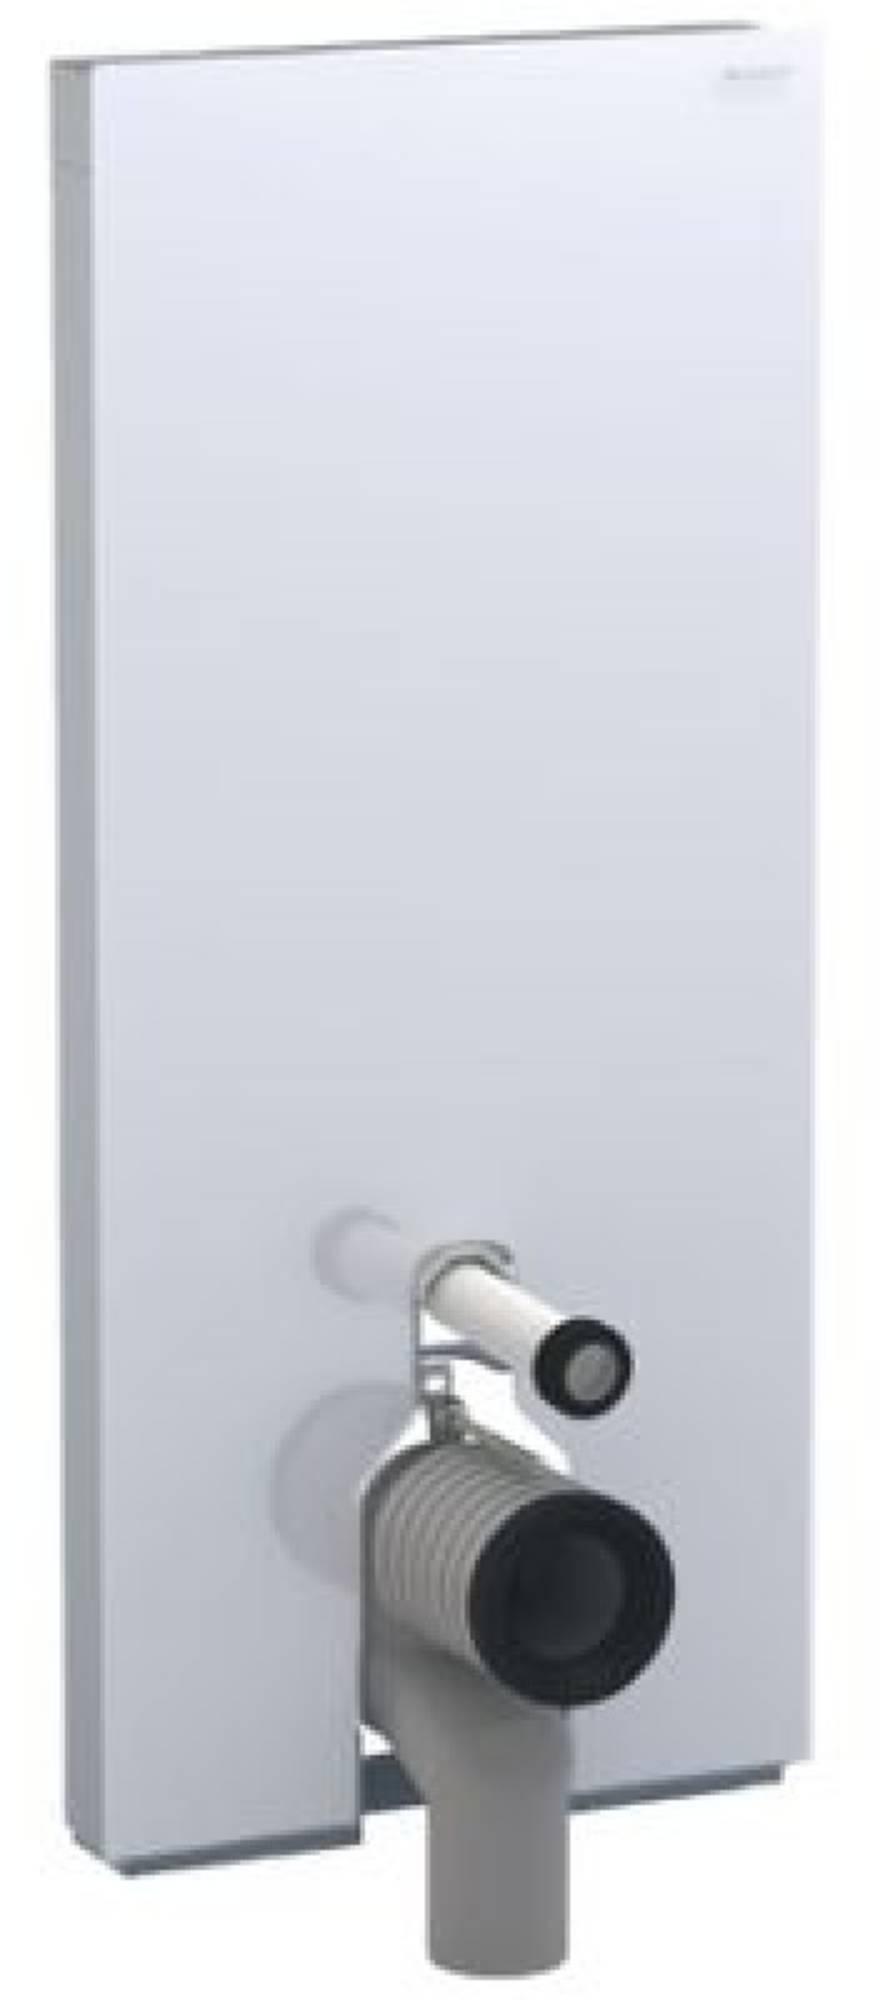 Geberit Monolith plus module voor staand closet h114 glas wit aluminium